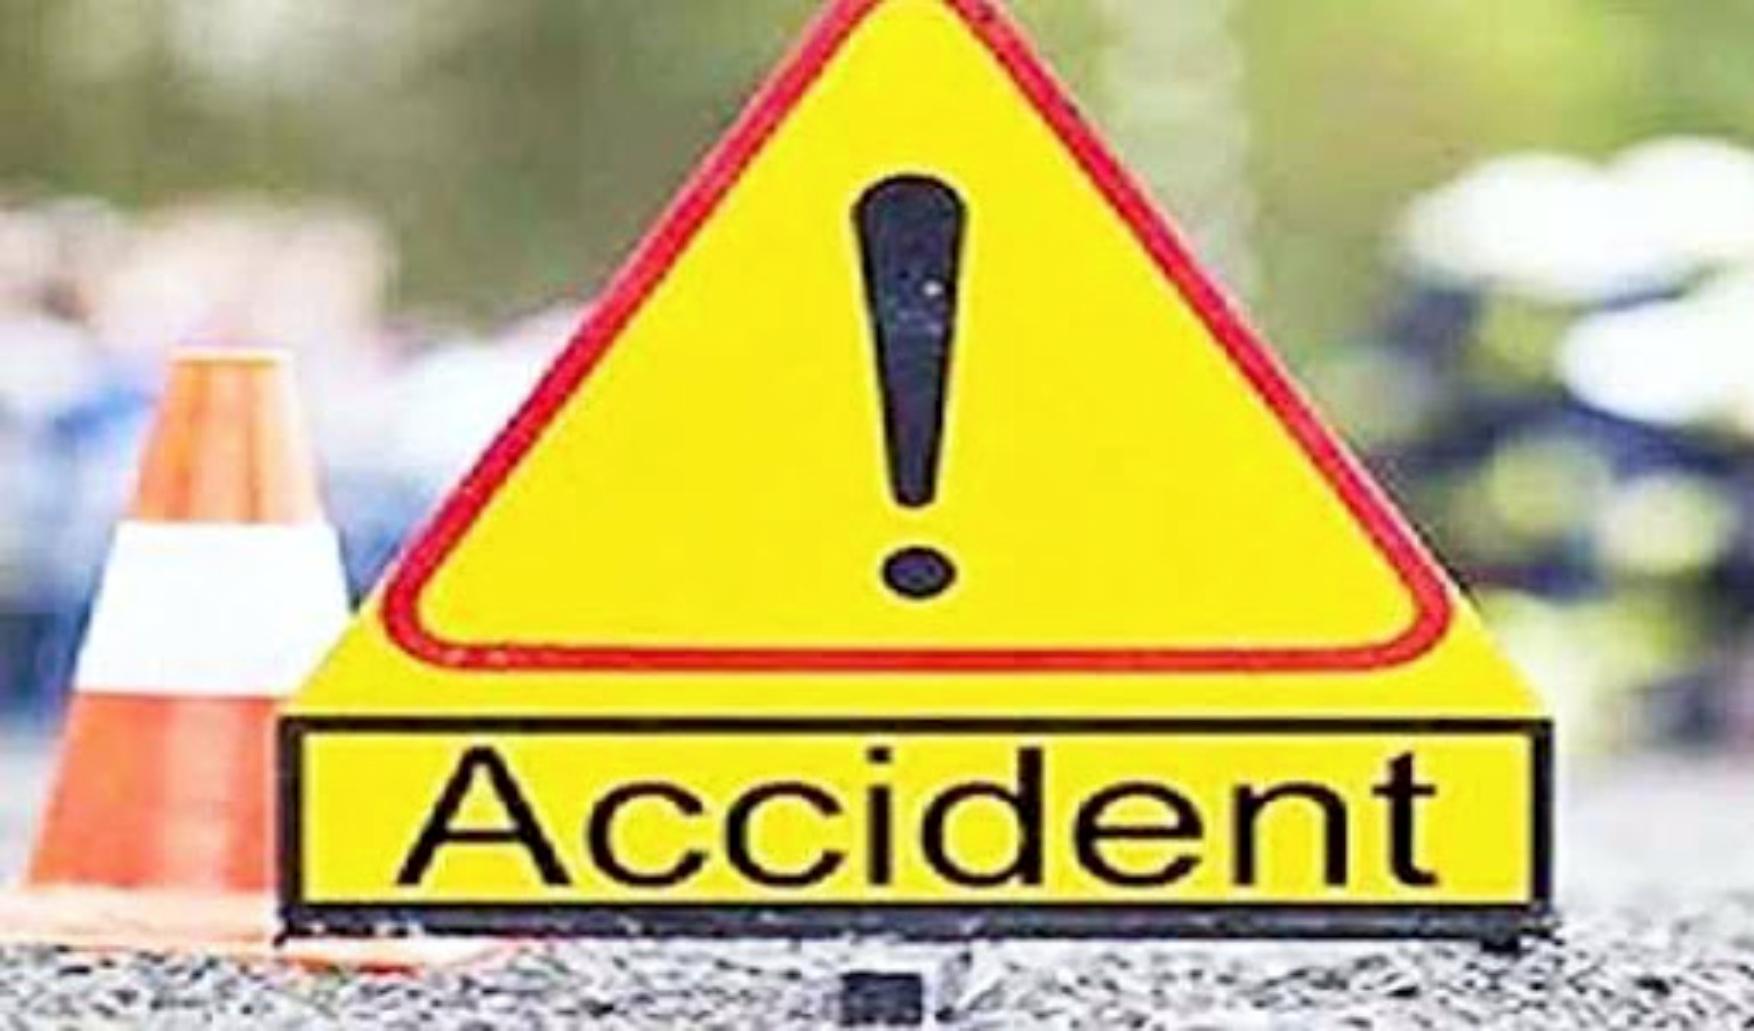 संखुवासभामा अरुण तेस्रो आयोजनाको टिपर दुर्घटना हुँदा चालकको मृत्यु